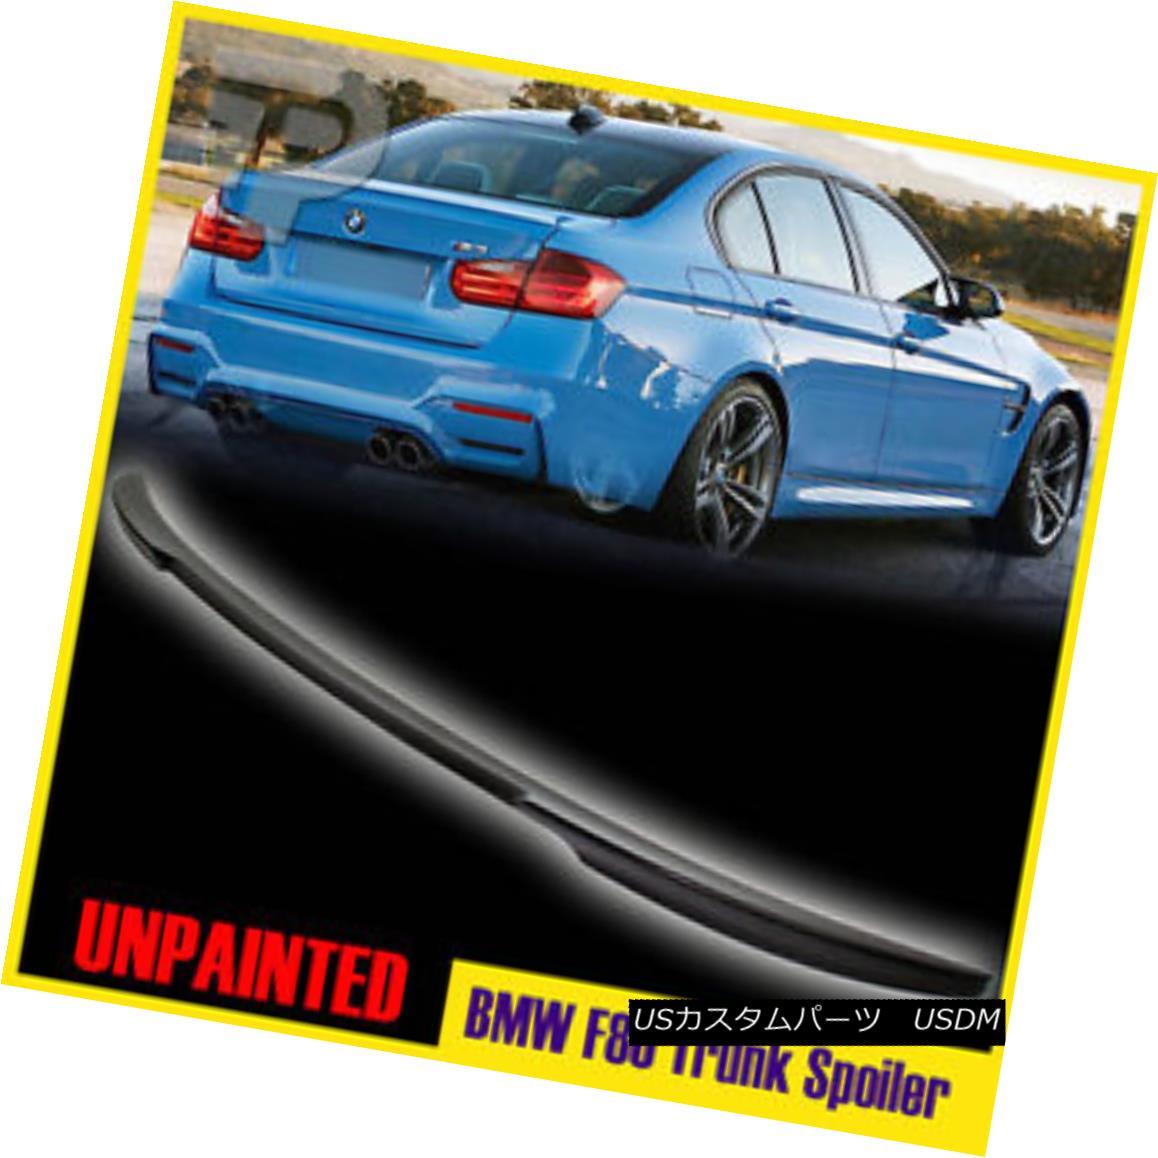 エアロパーツ UNPAINTED BMW 3-SERIES F80 V-TYPE REAR TRUNK LIP SPOILER WING 2014-2016 未塗装BMW 3-Series F80 V-TYPEリアトランクリップスポイラーウイング2014-2016